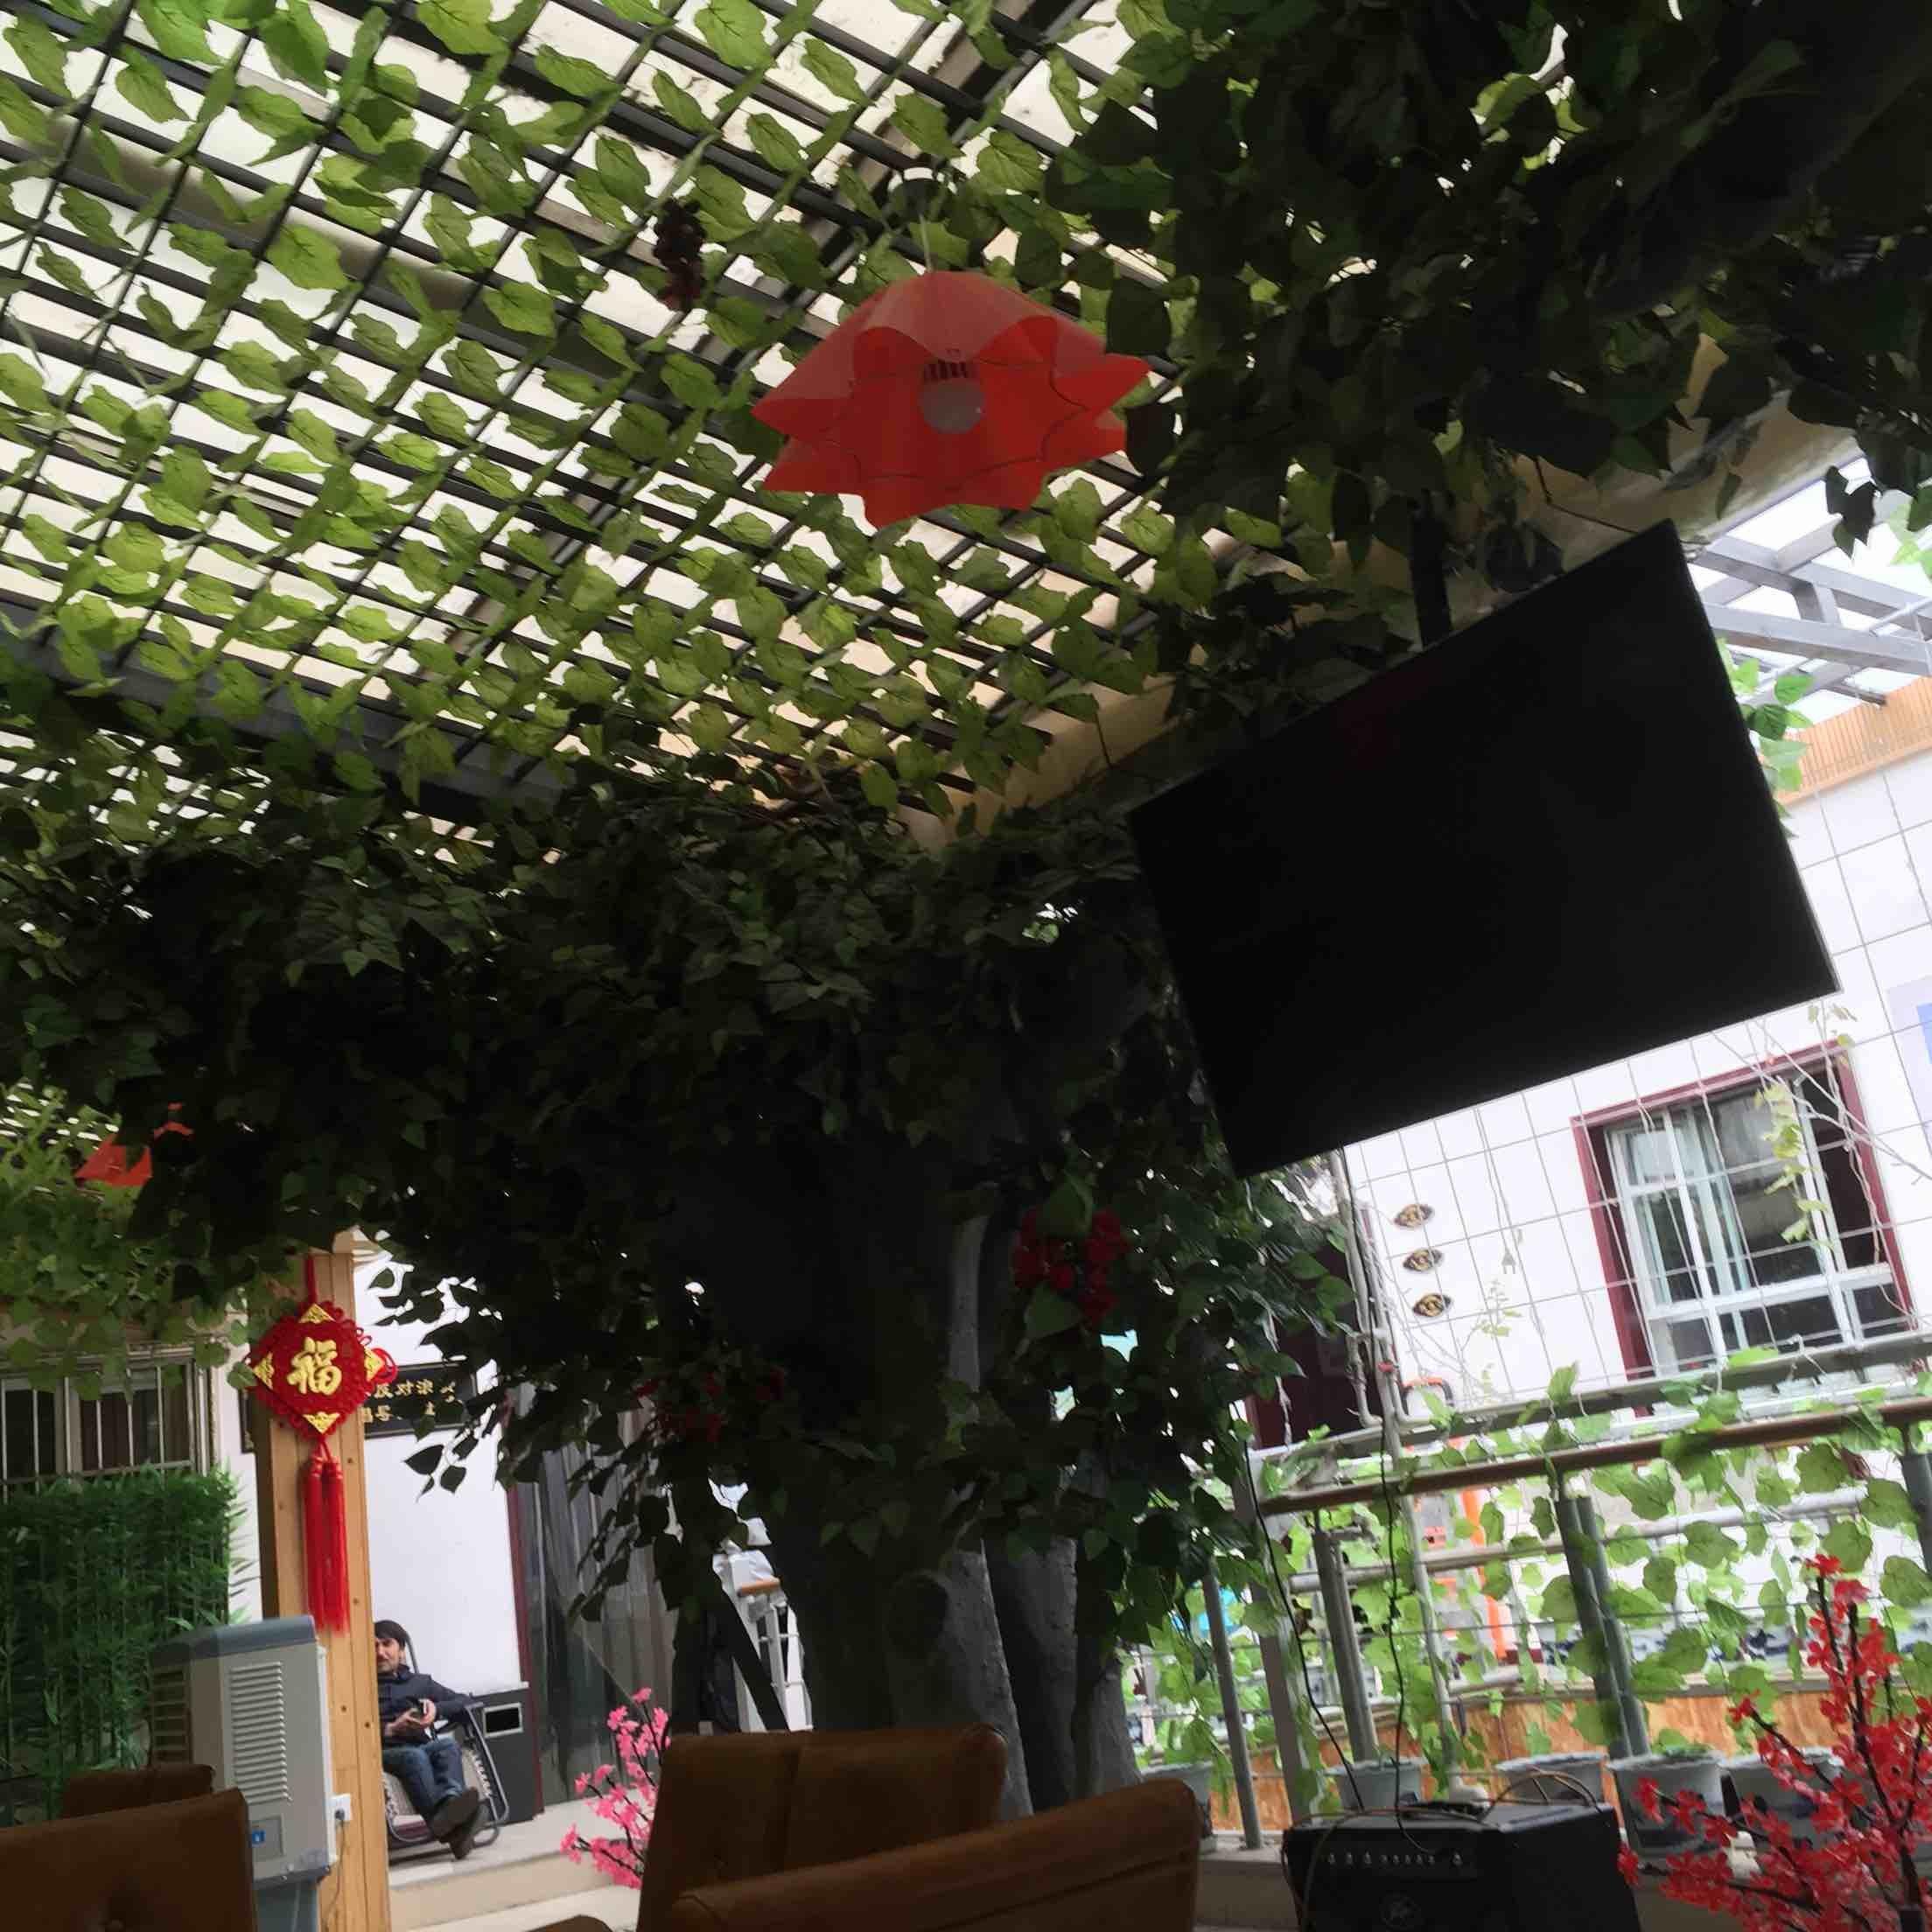 乌鲁木齐西域阳光美食城生态酒店